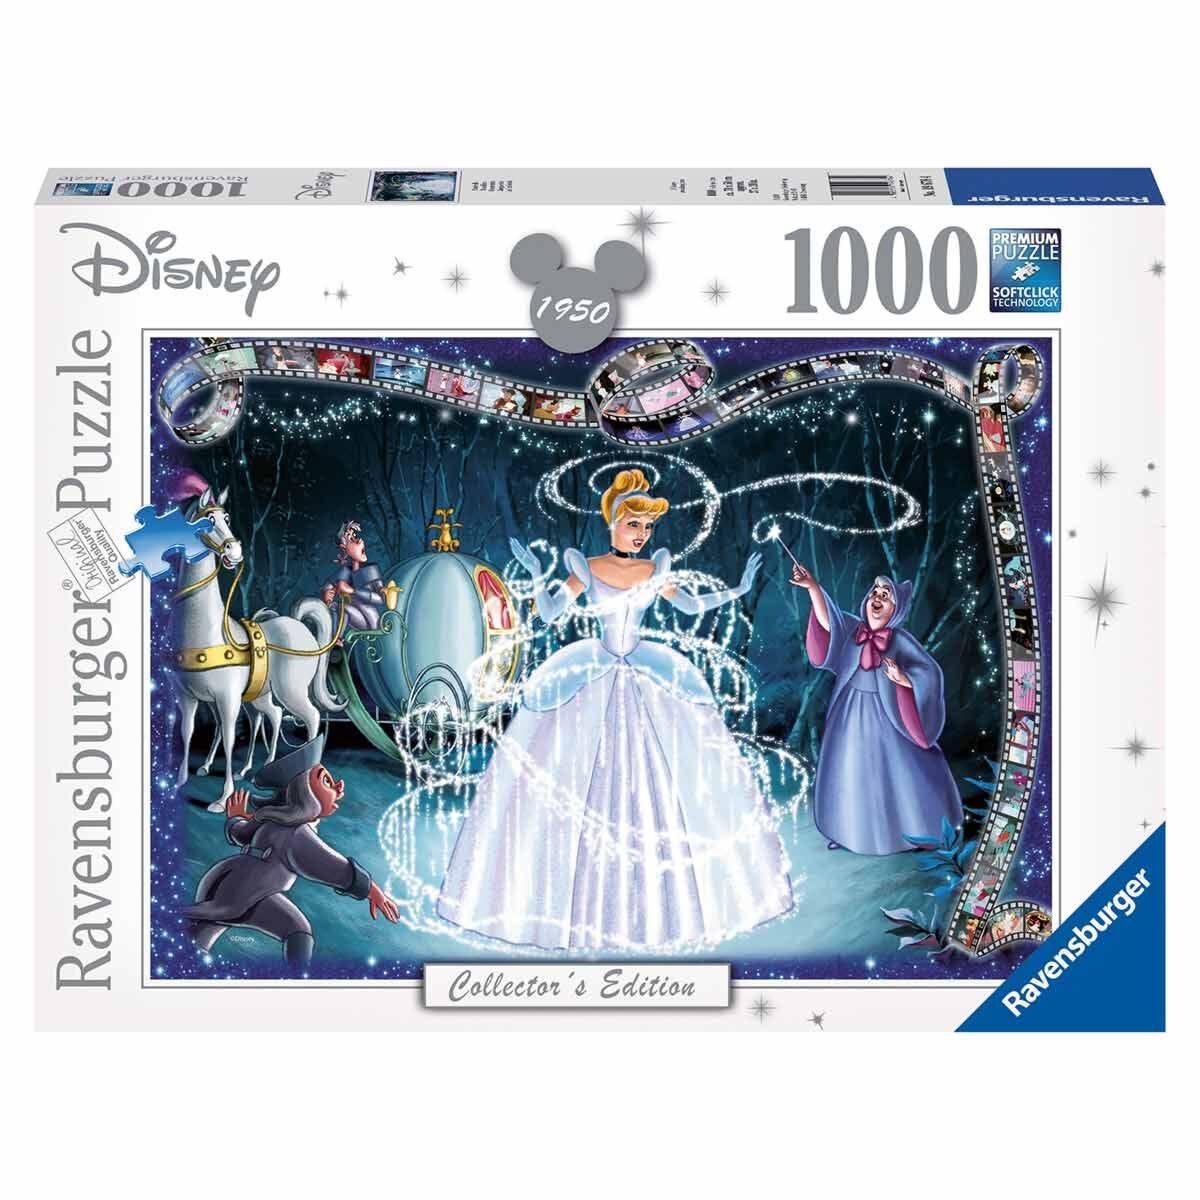 Ravensburger Collectors Edition Cinderella Puzzle 1000 Pieces